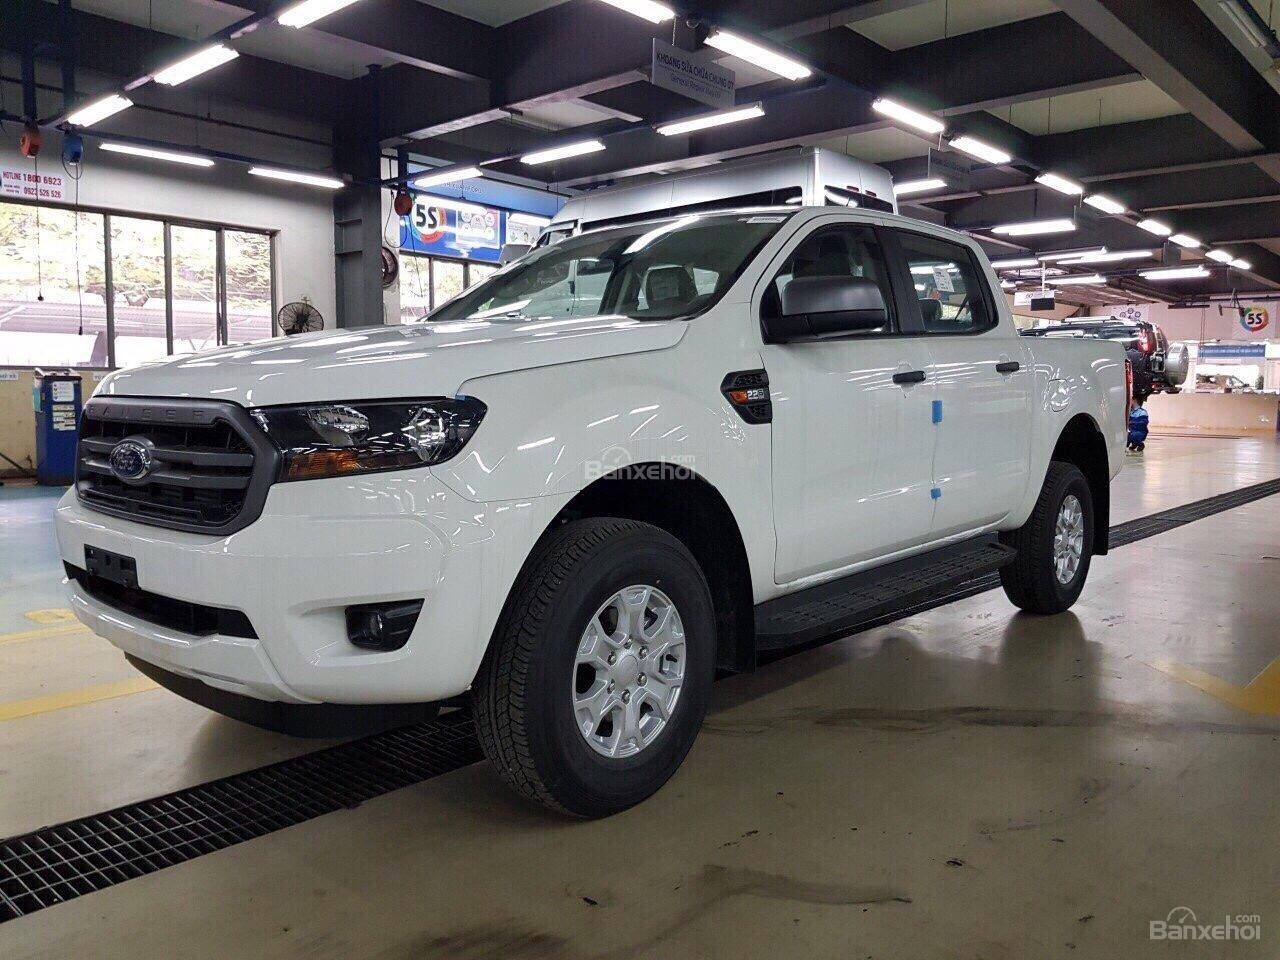 Giao luôn Ford Ranger XLS 2.2 MT, đủ màu, nhập khẩu Thái Lan, hỗ trợ vay 90% lãi suất thấp. Liên hệ nhận giá tốt nhất-0